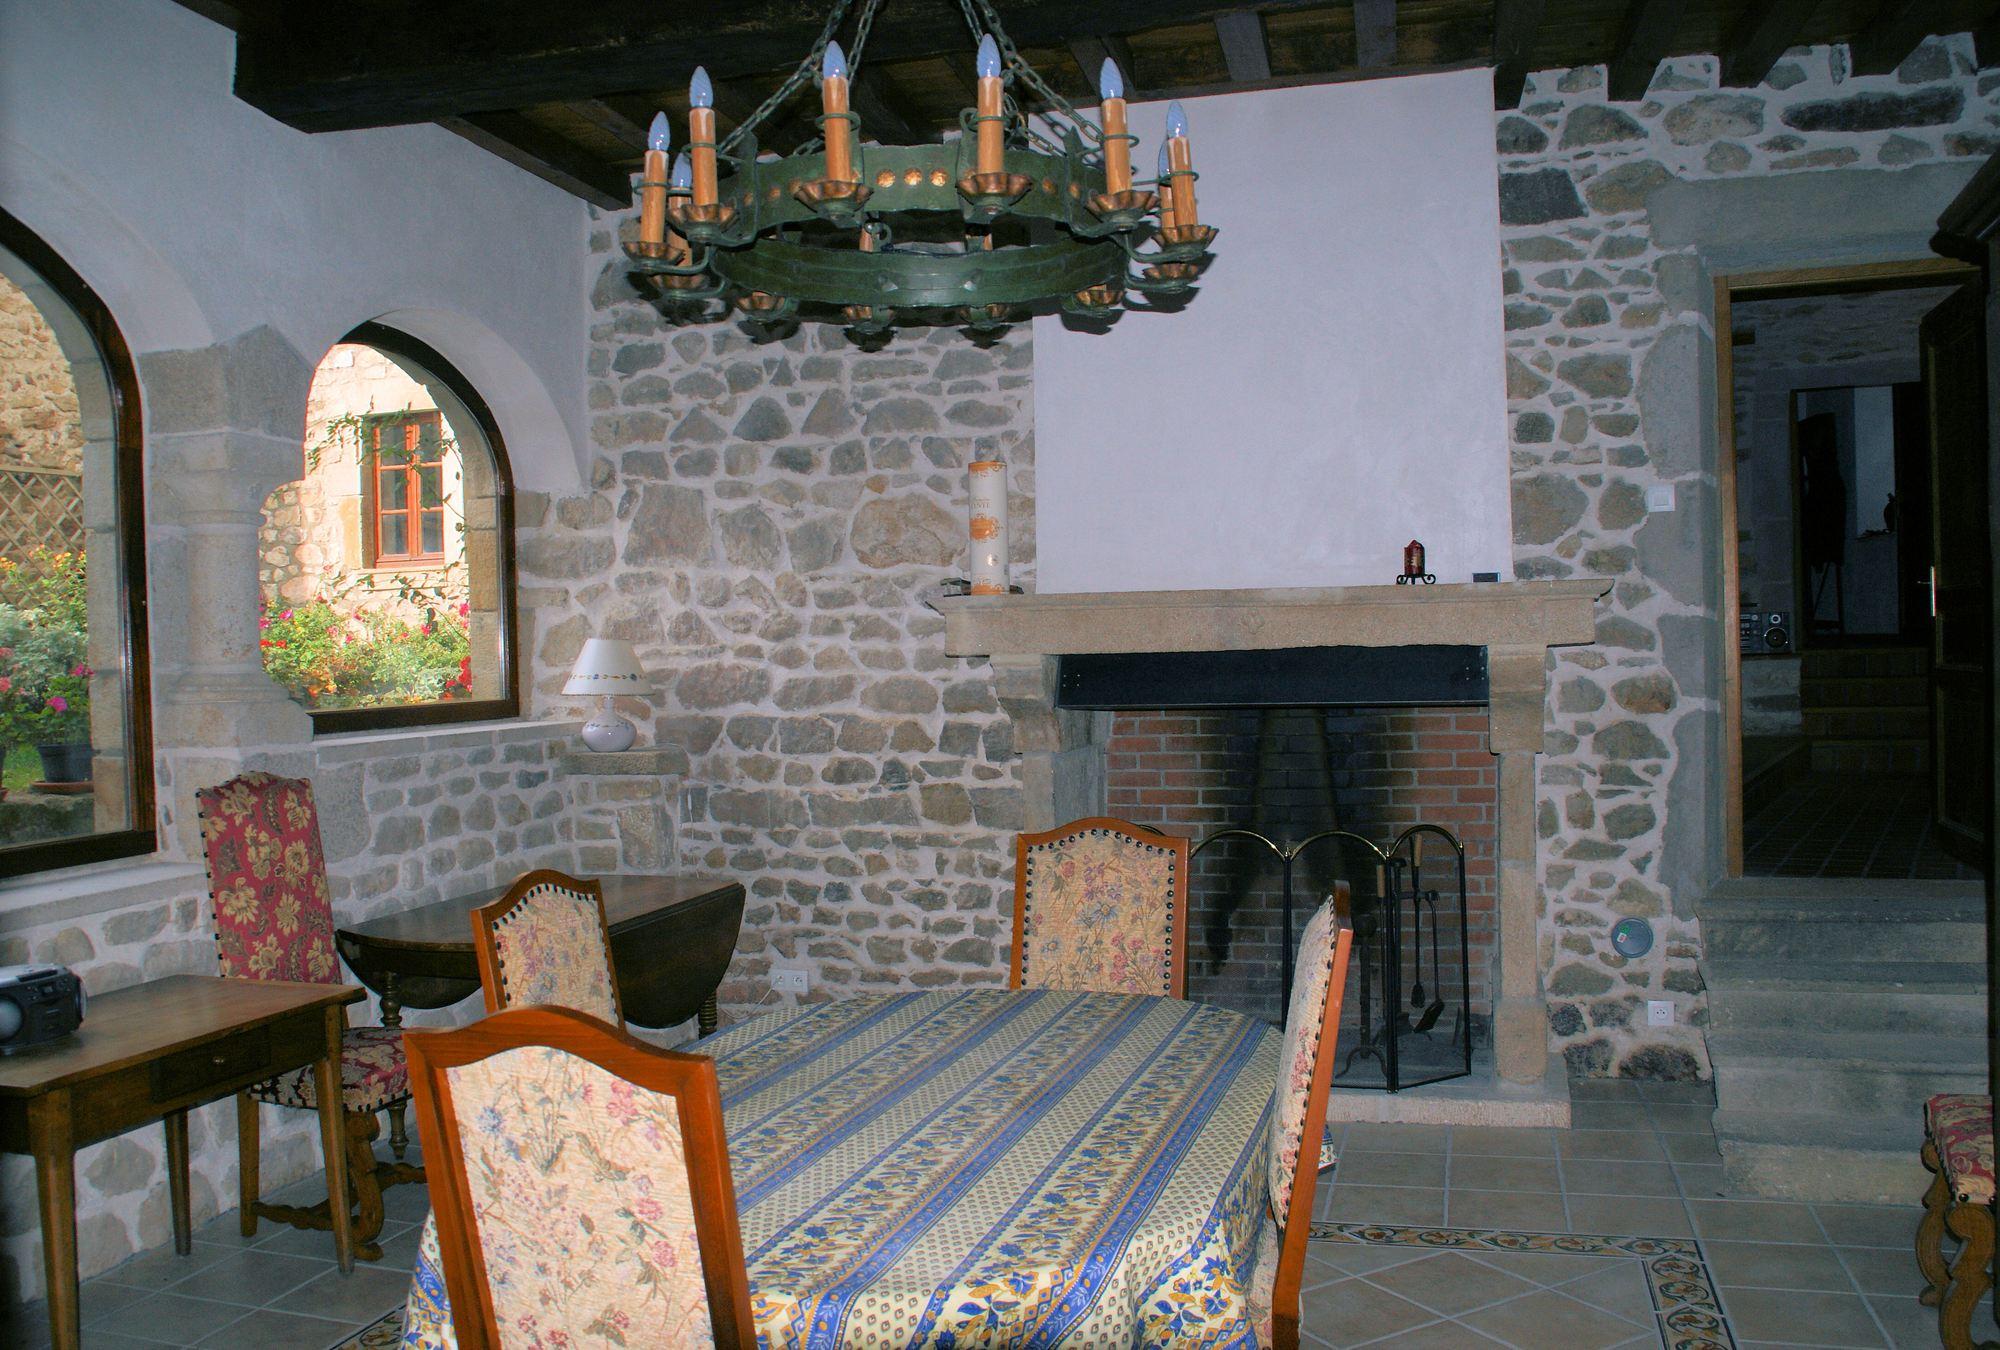 chambres d'hôtes le cantou à montpeyroux